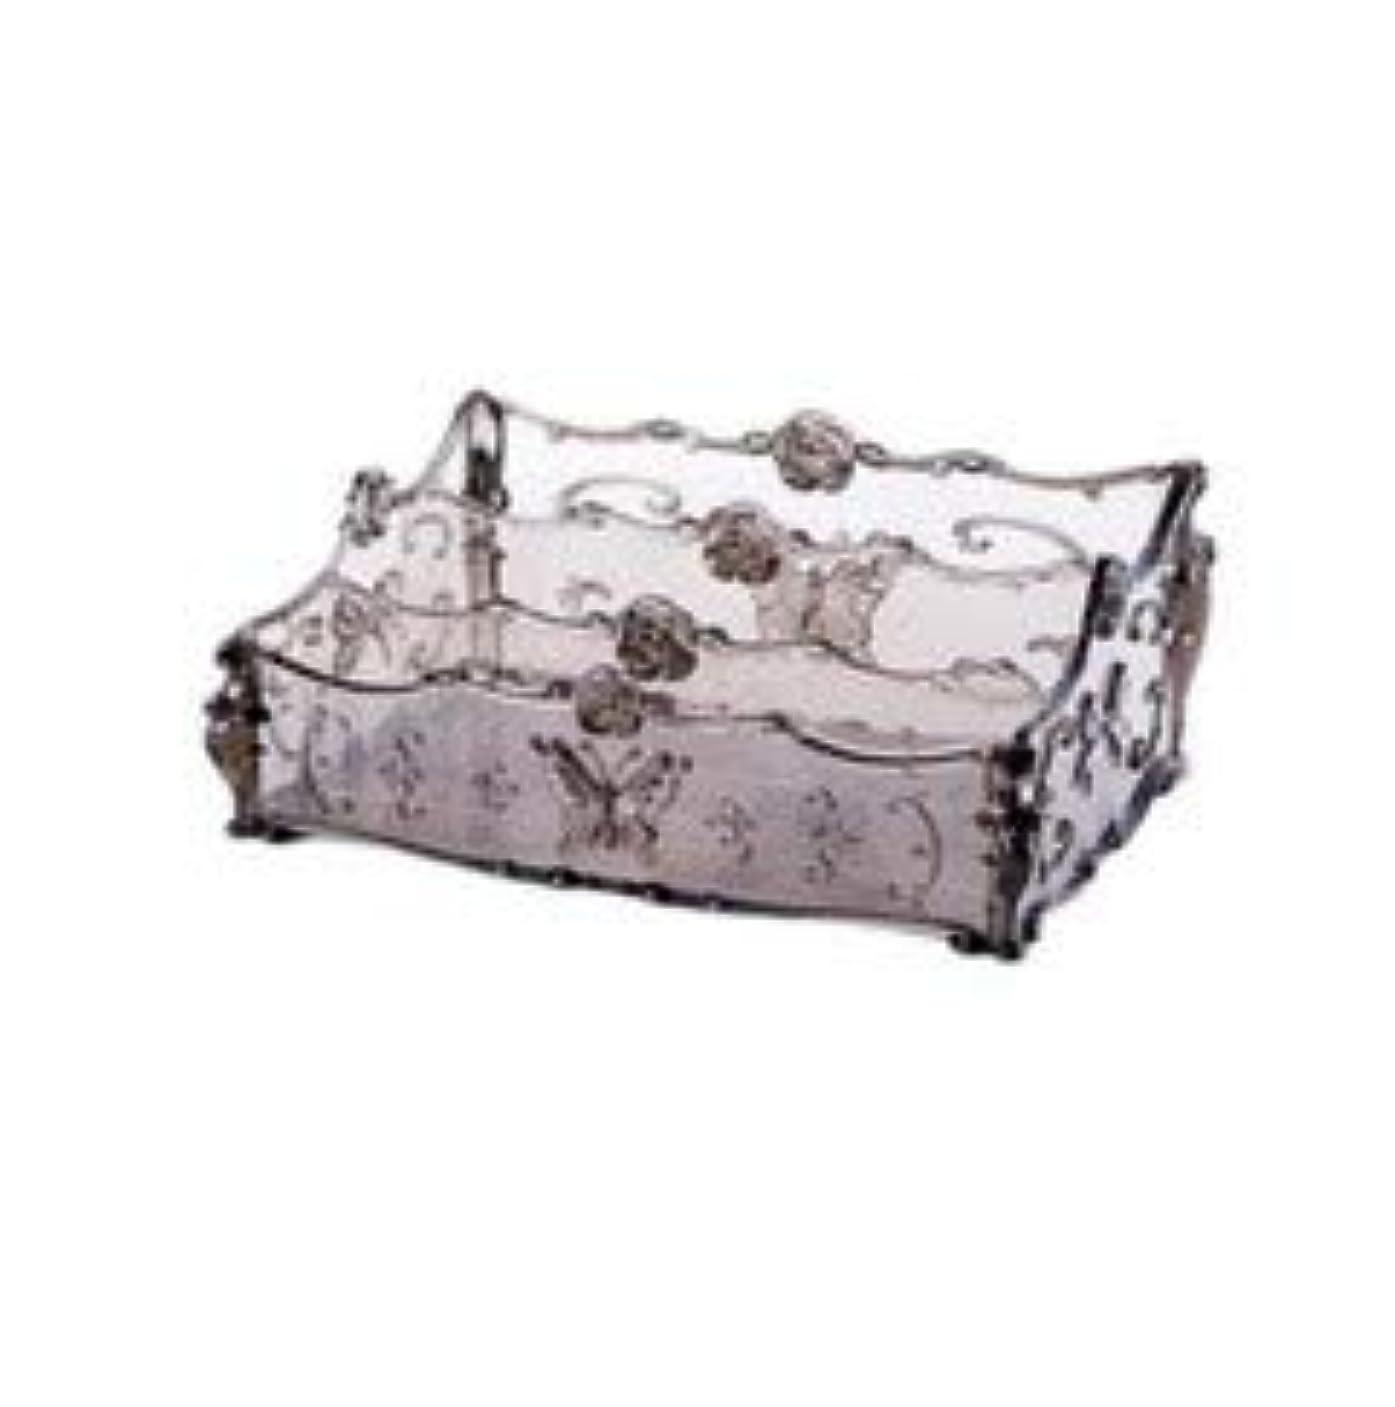 近代化する正しくでフラワー彫刻デスクトップ化粧品収納ボックス化粧台透明ラック家庭用プラスチックマルチカラースキンケア製品仕上げボックス (Color : Transparent gray)